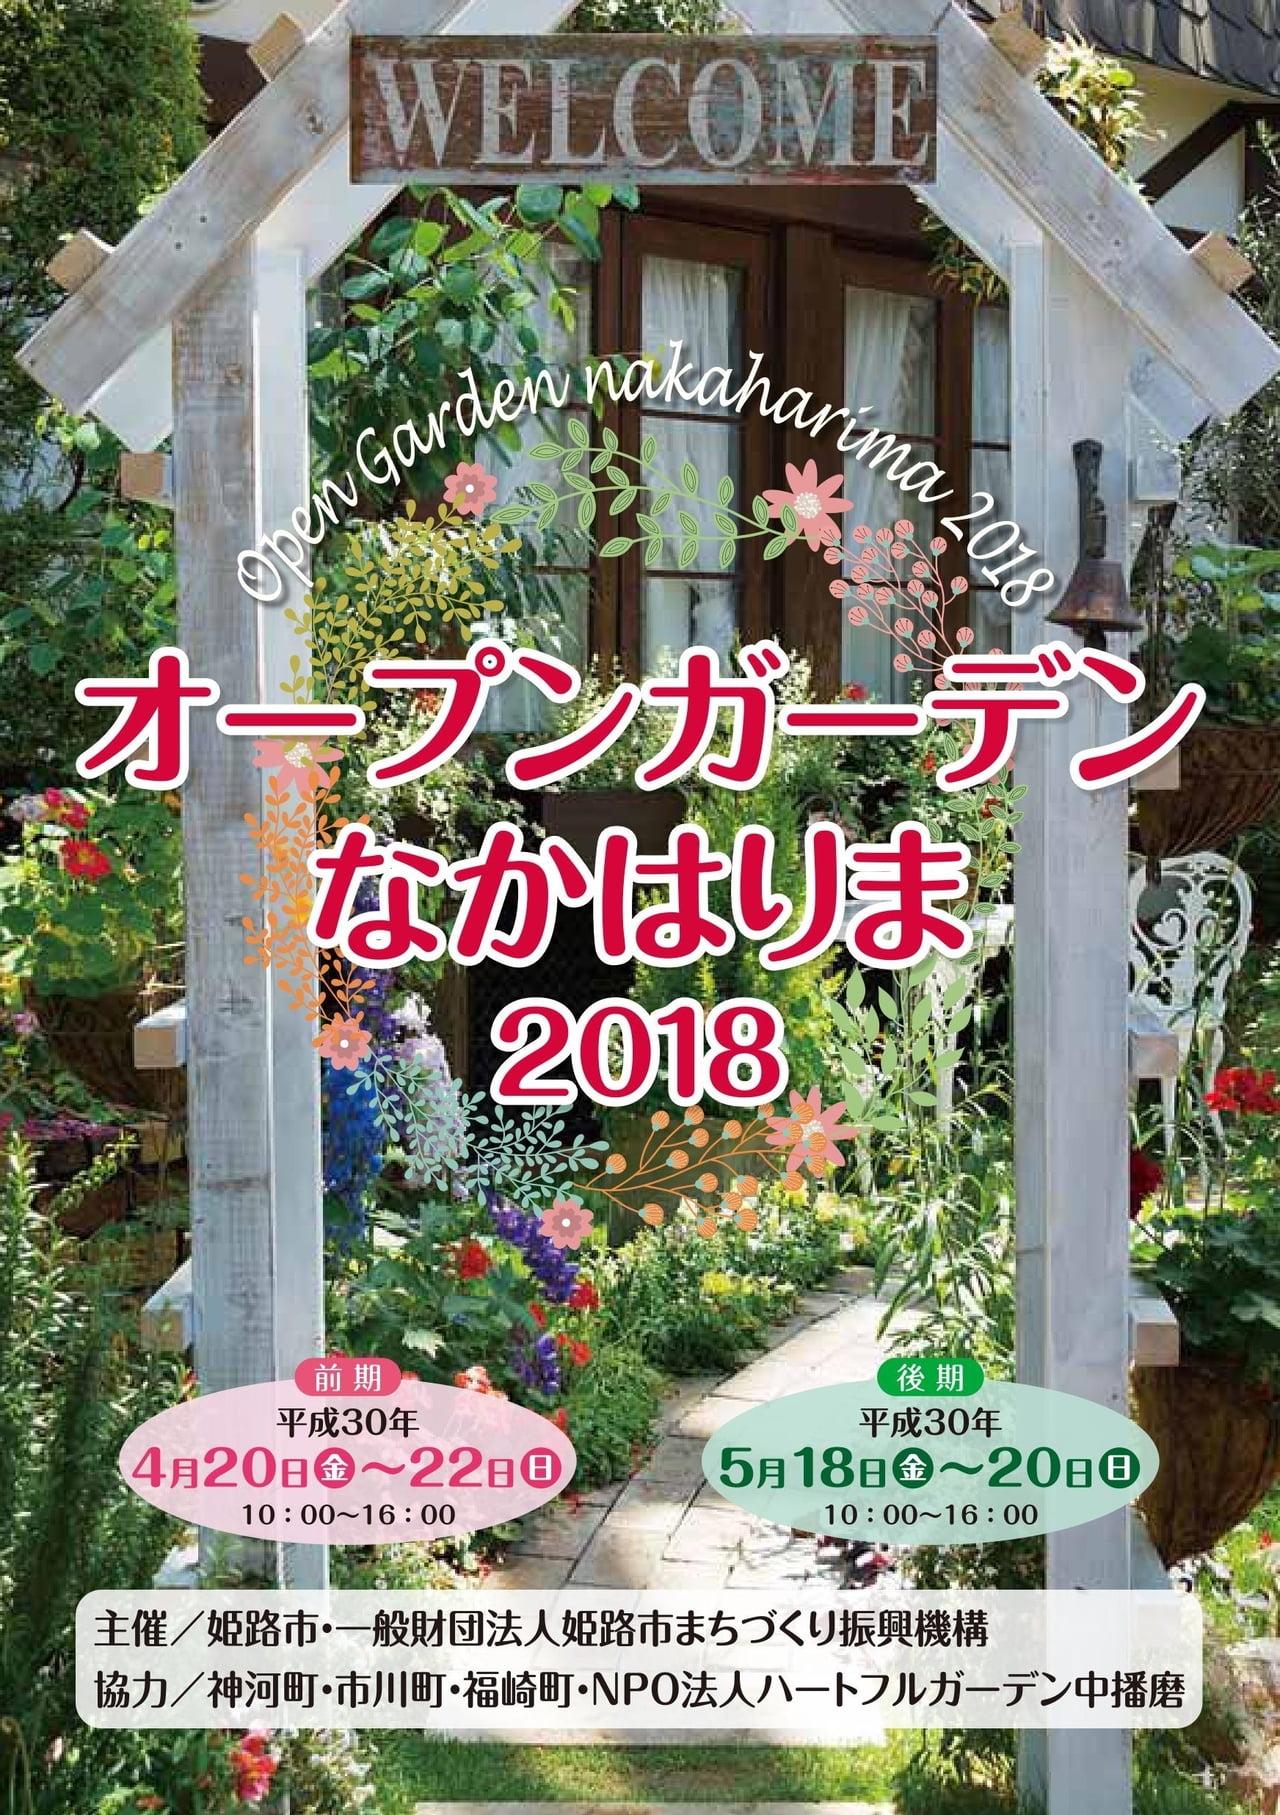 【イベント】オープンガーデンなかはりま2018~前期4月20日~22日・後期5月18日~20日